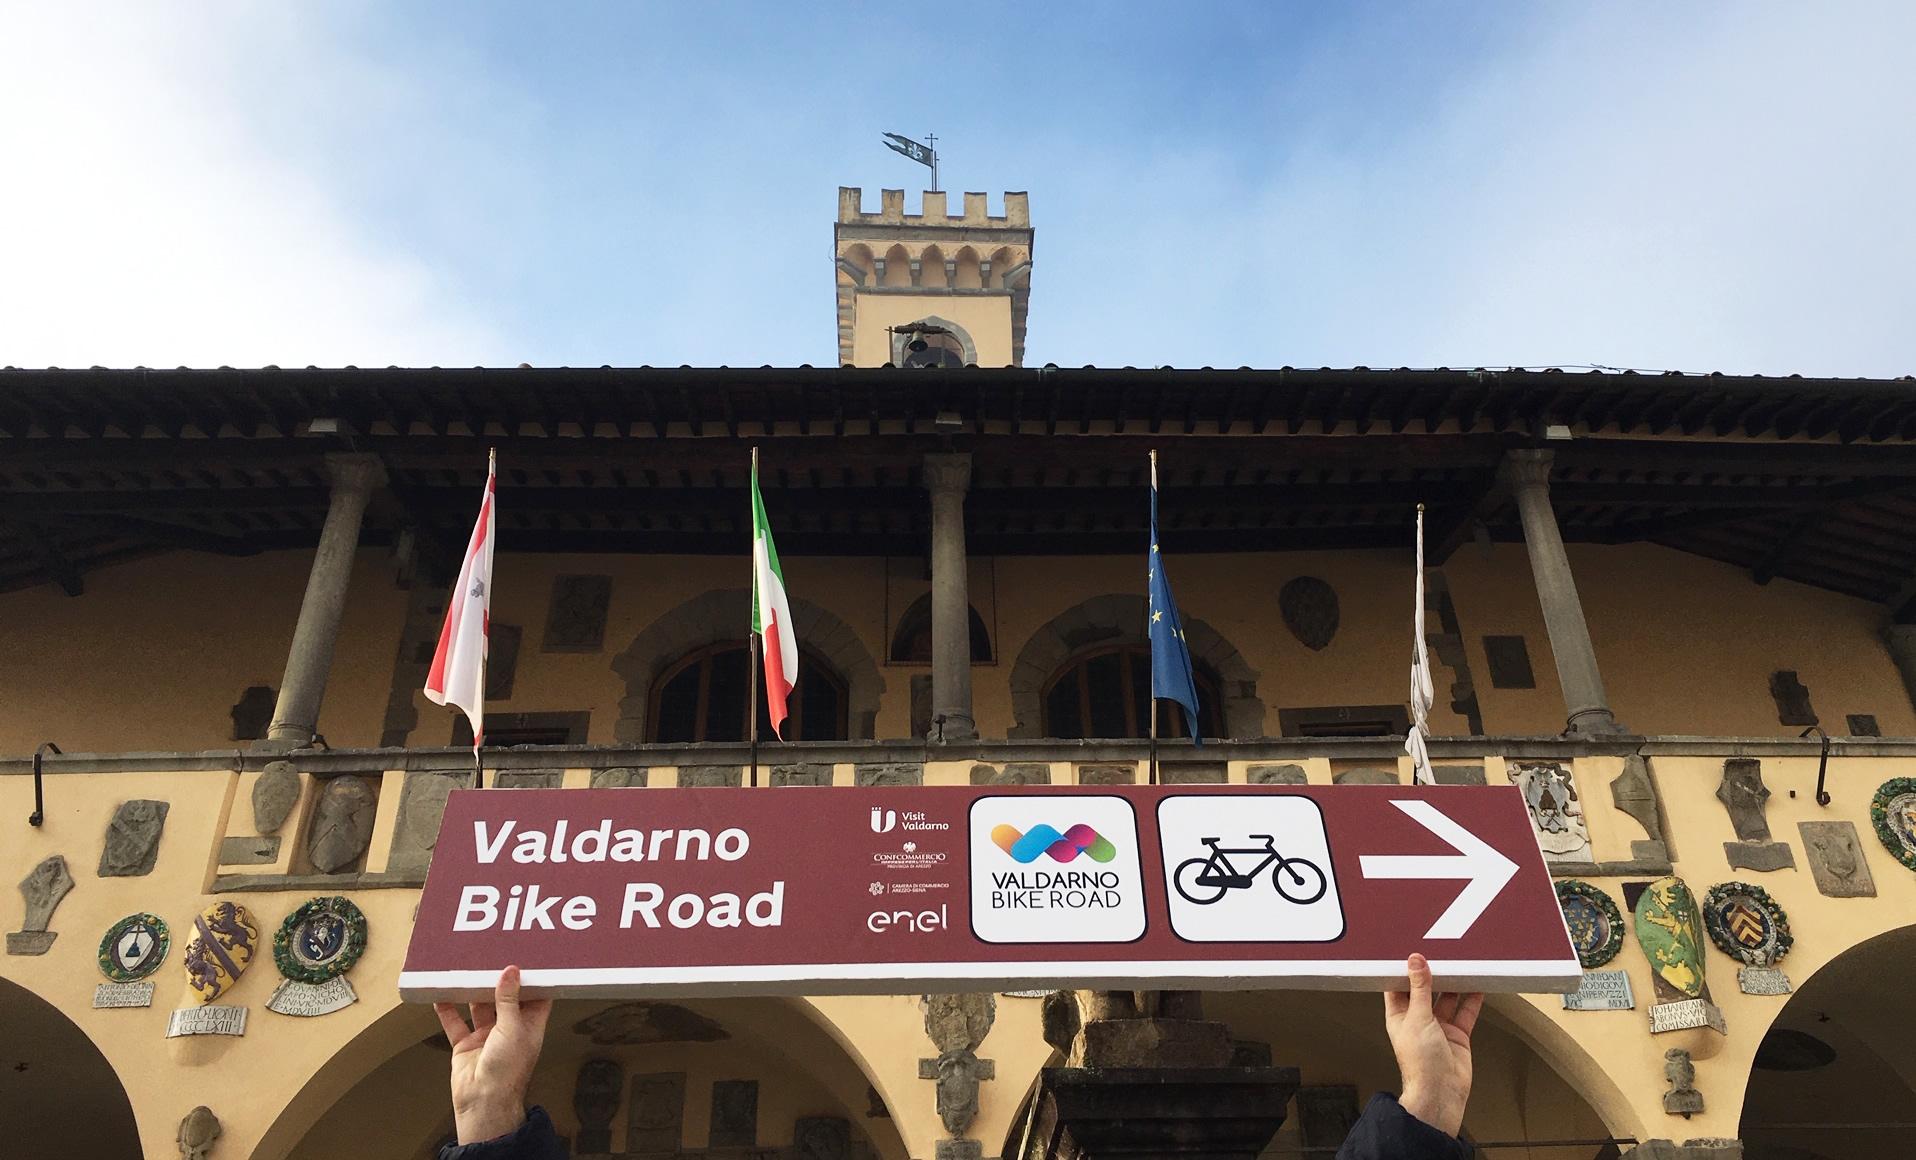 valdarno-bike-road-cicloturismo-in-valdarno2